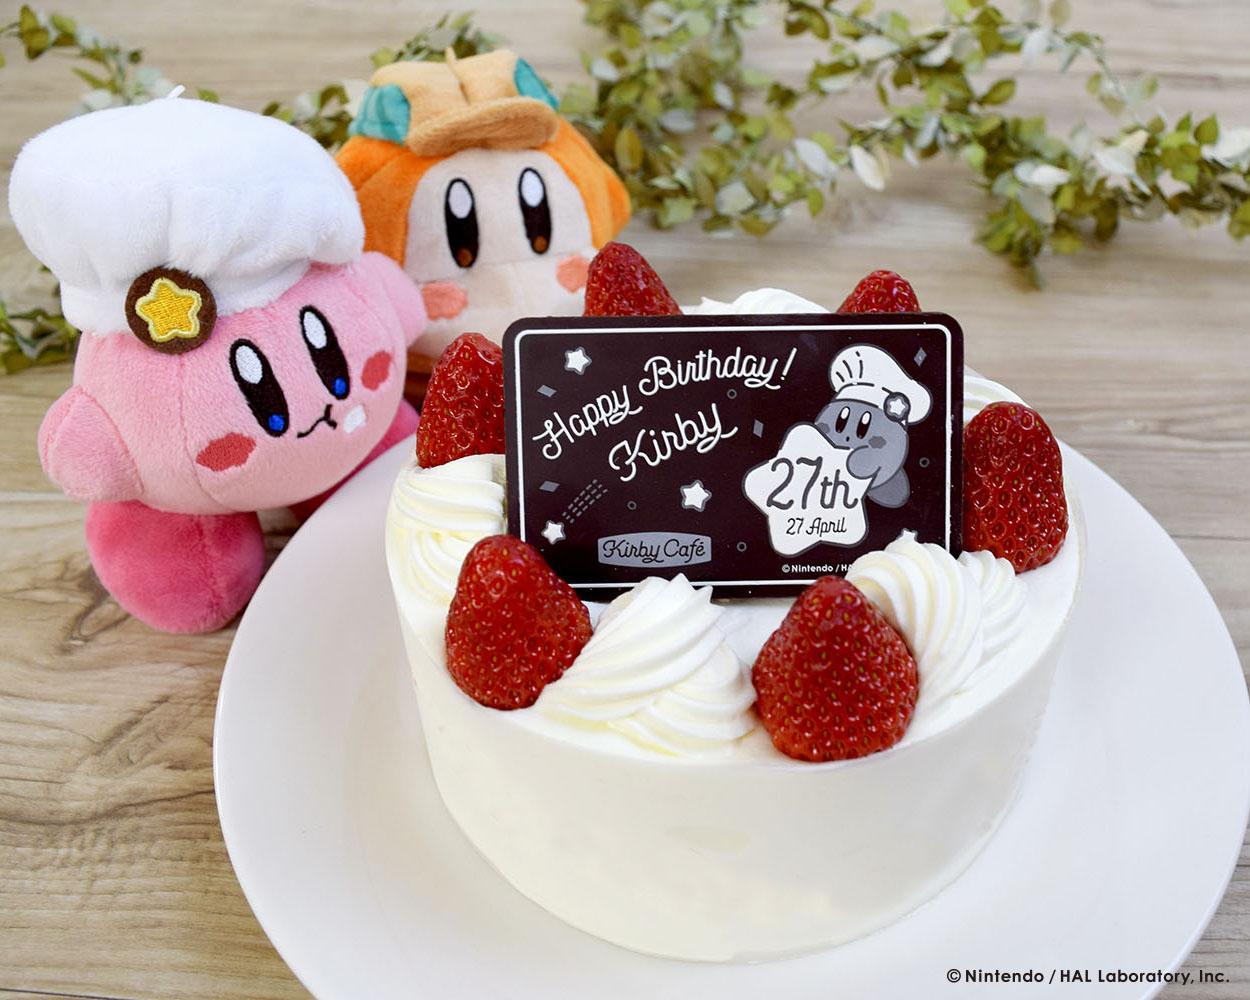 KIRBY CAFÉ_happy_birthday_fair_カービィ_カフェ_ハッピーバースデーフェア_